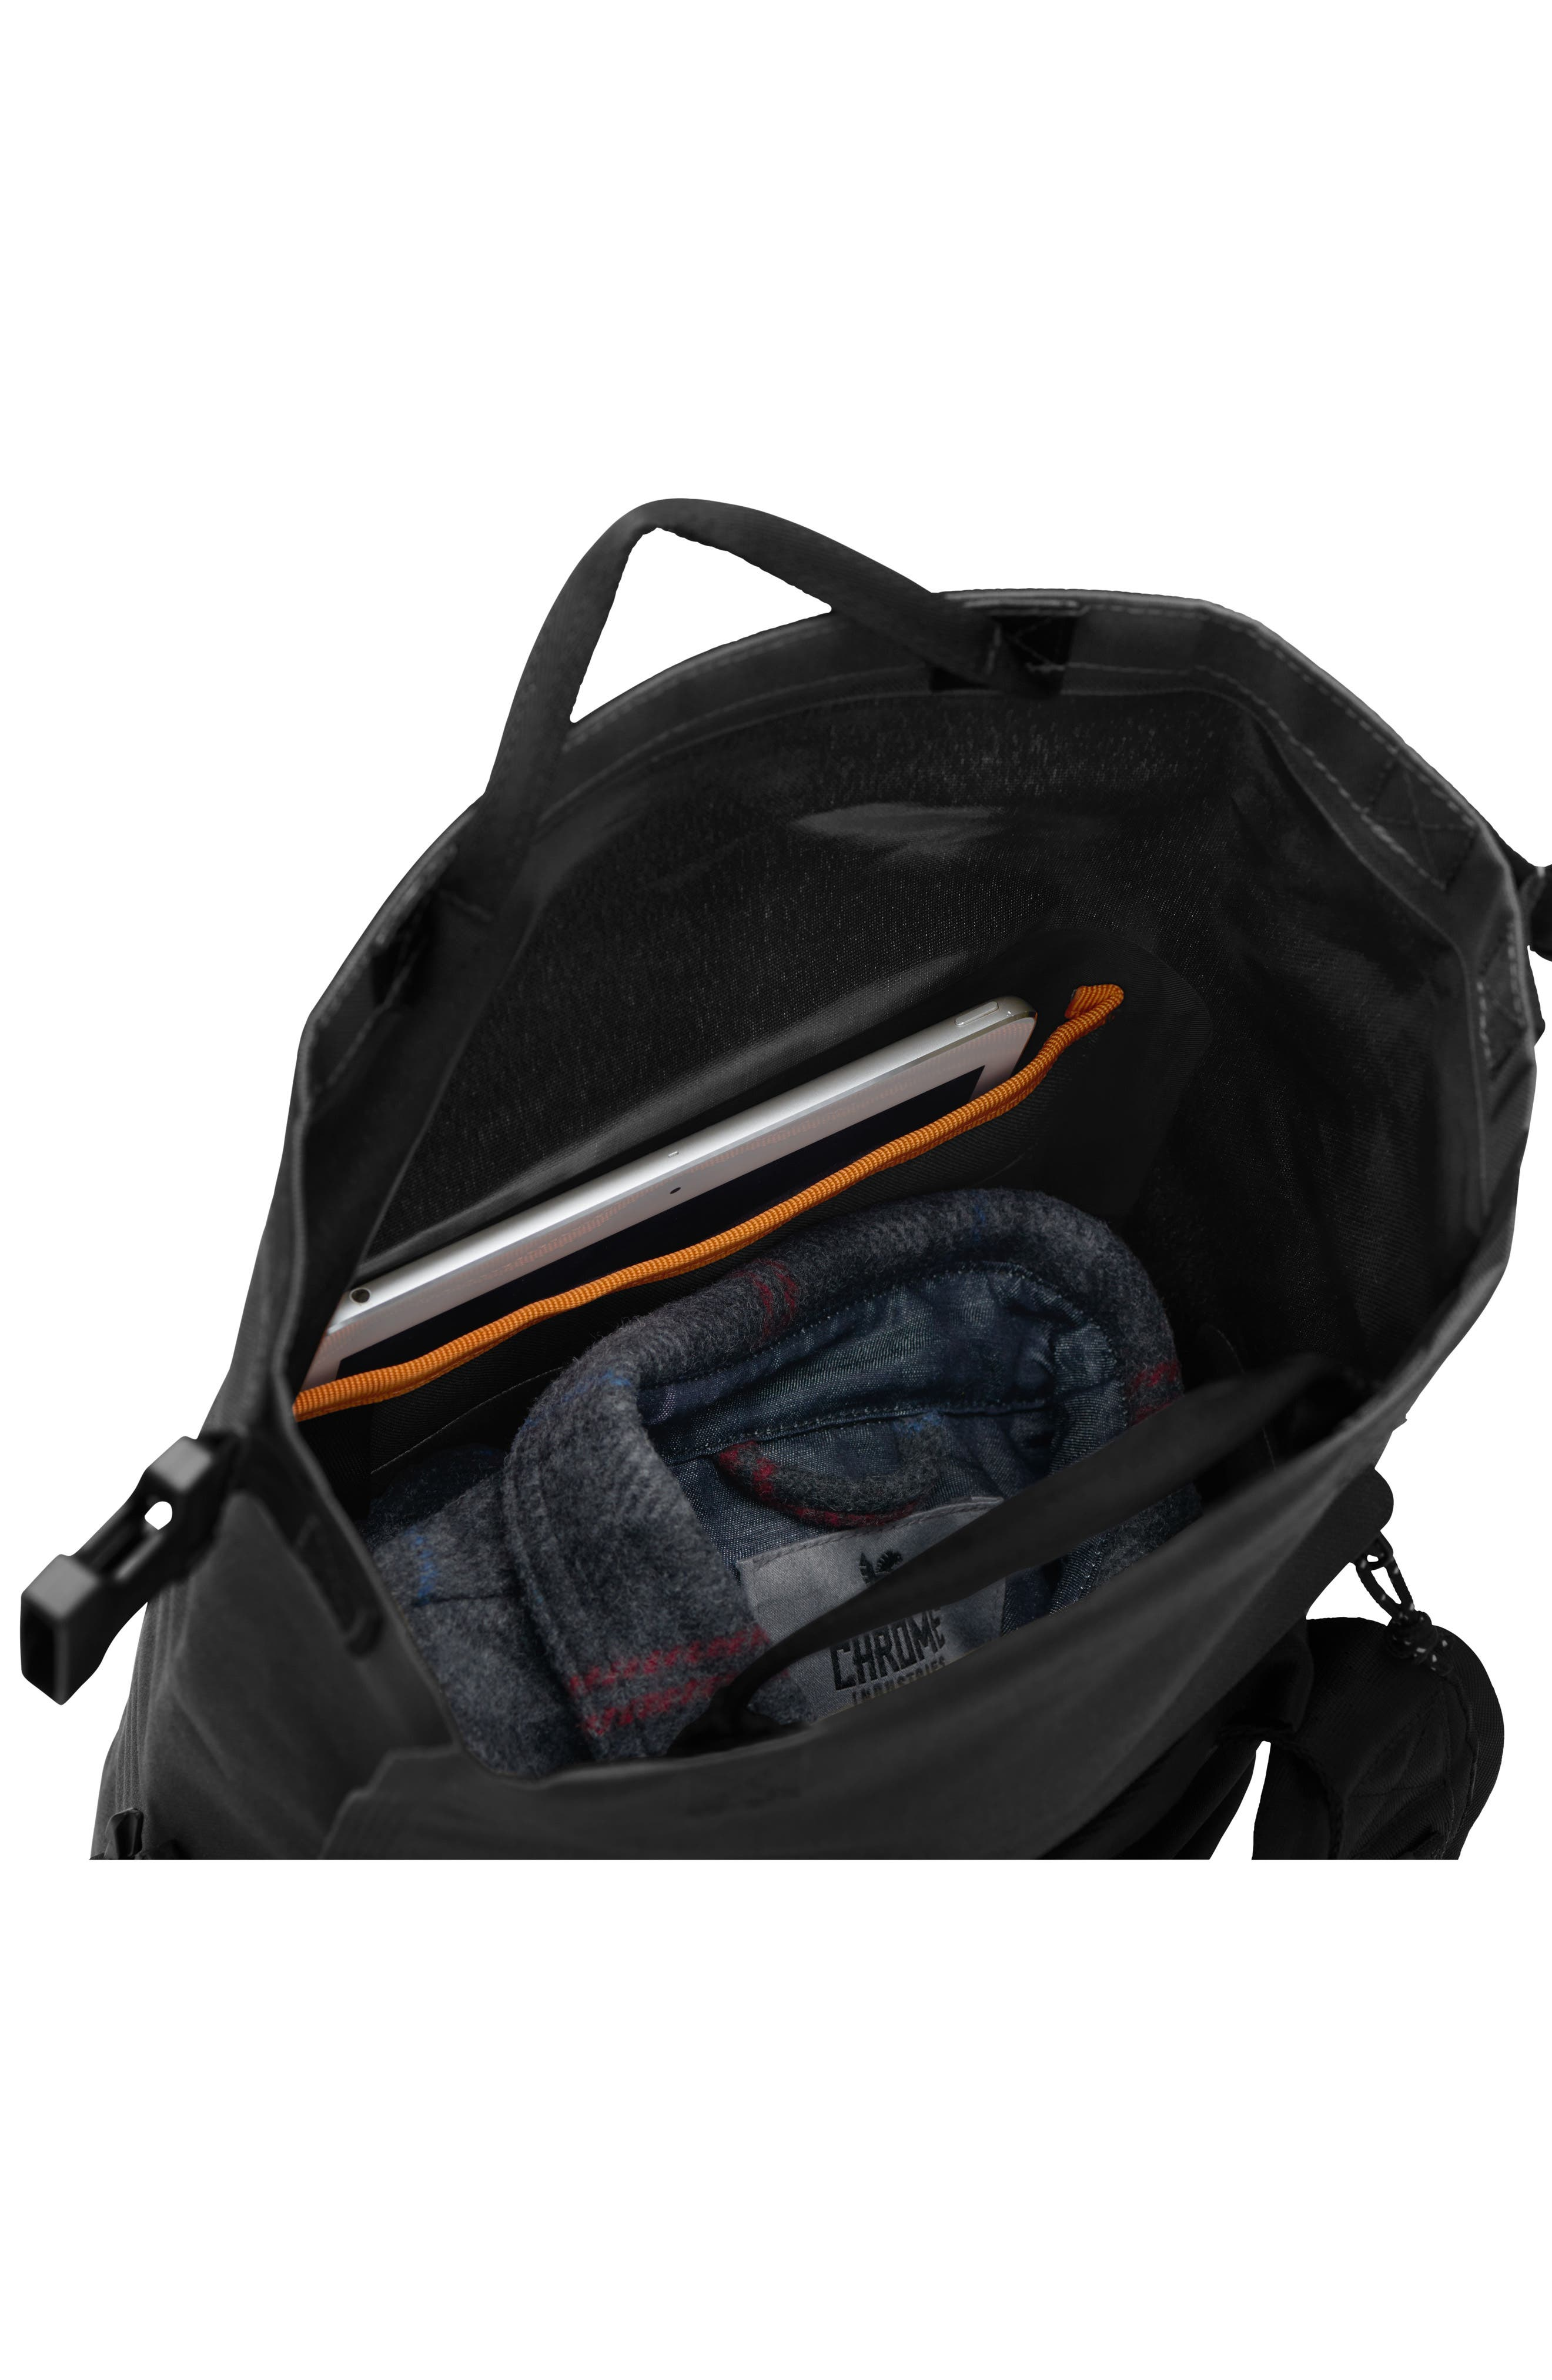 Urban Ex Rolltop Waterproof Backpack,                             Alternate thumbnail 6, color,                             Black/ Black